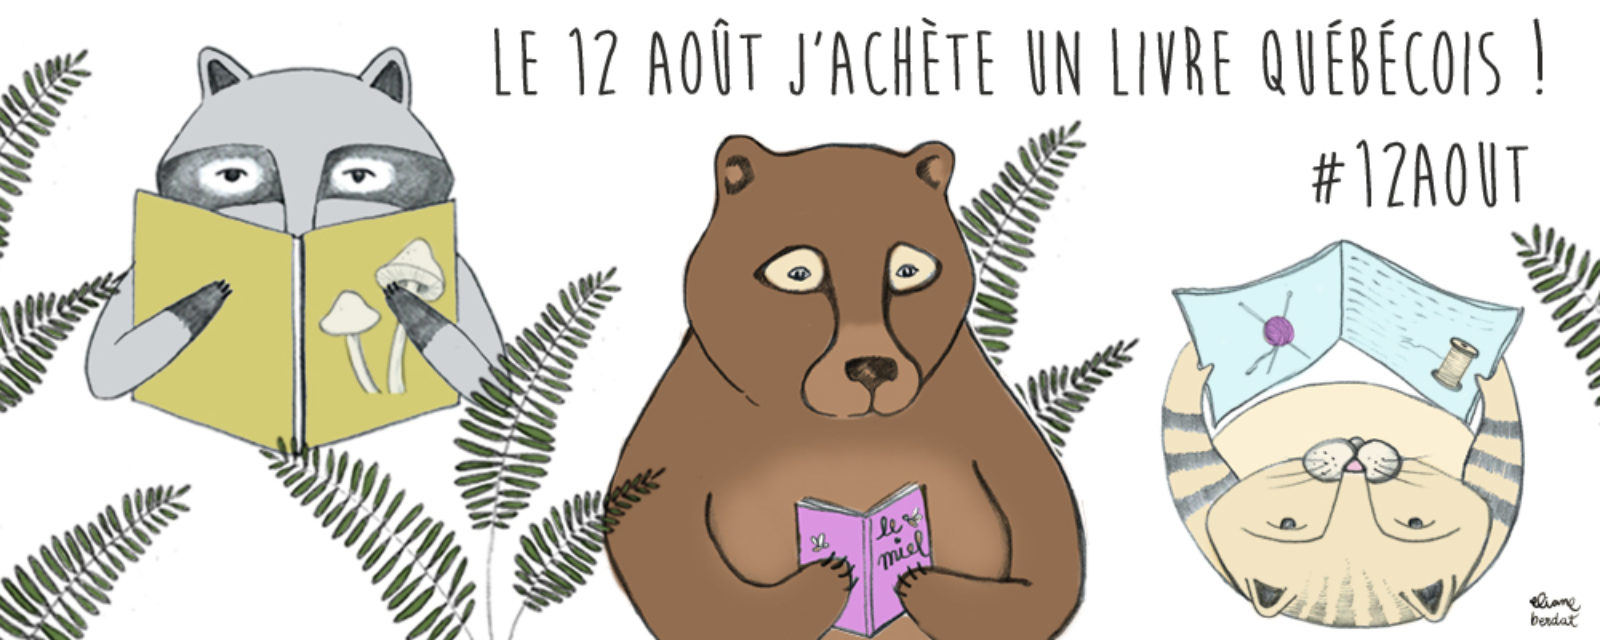 Le #12août 2017, j'achète un livre jeunesse québécois